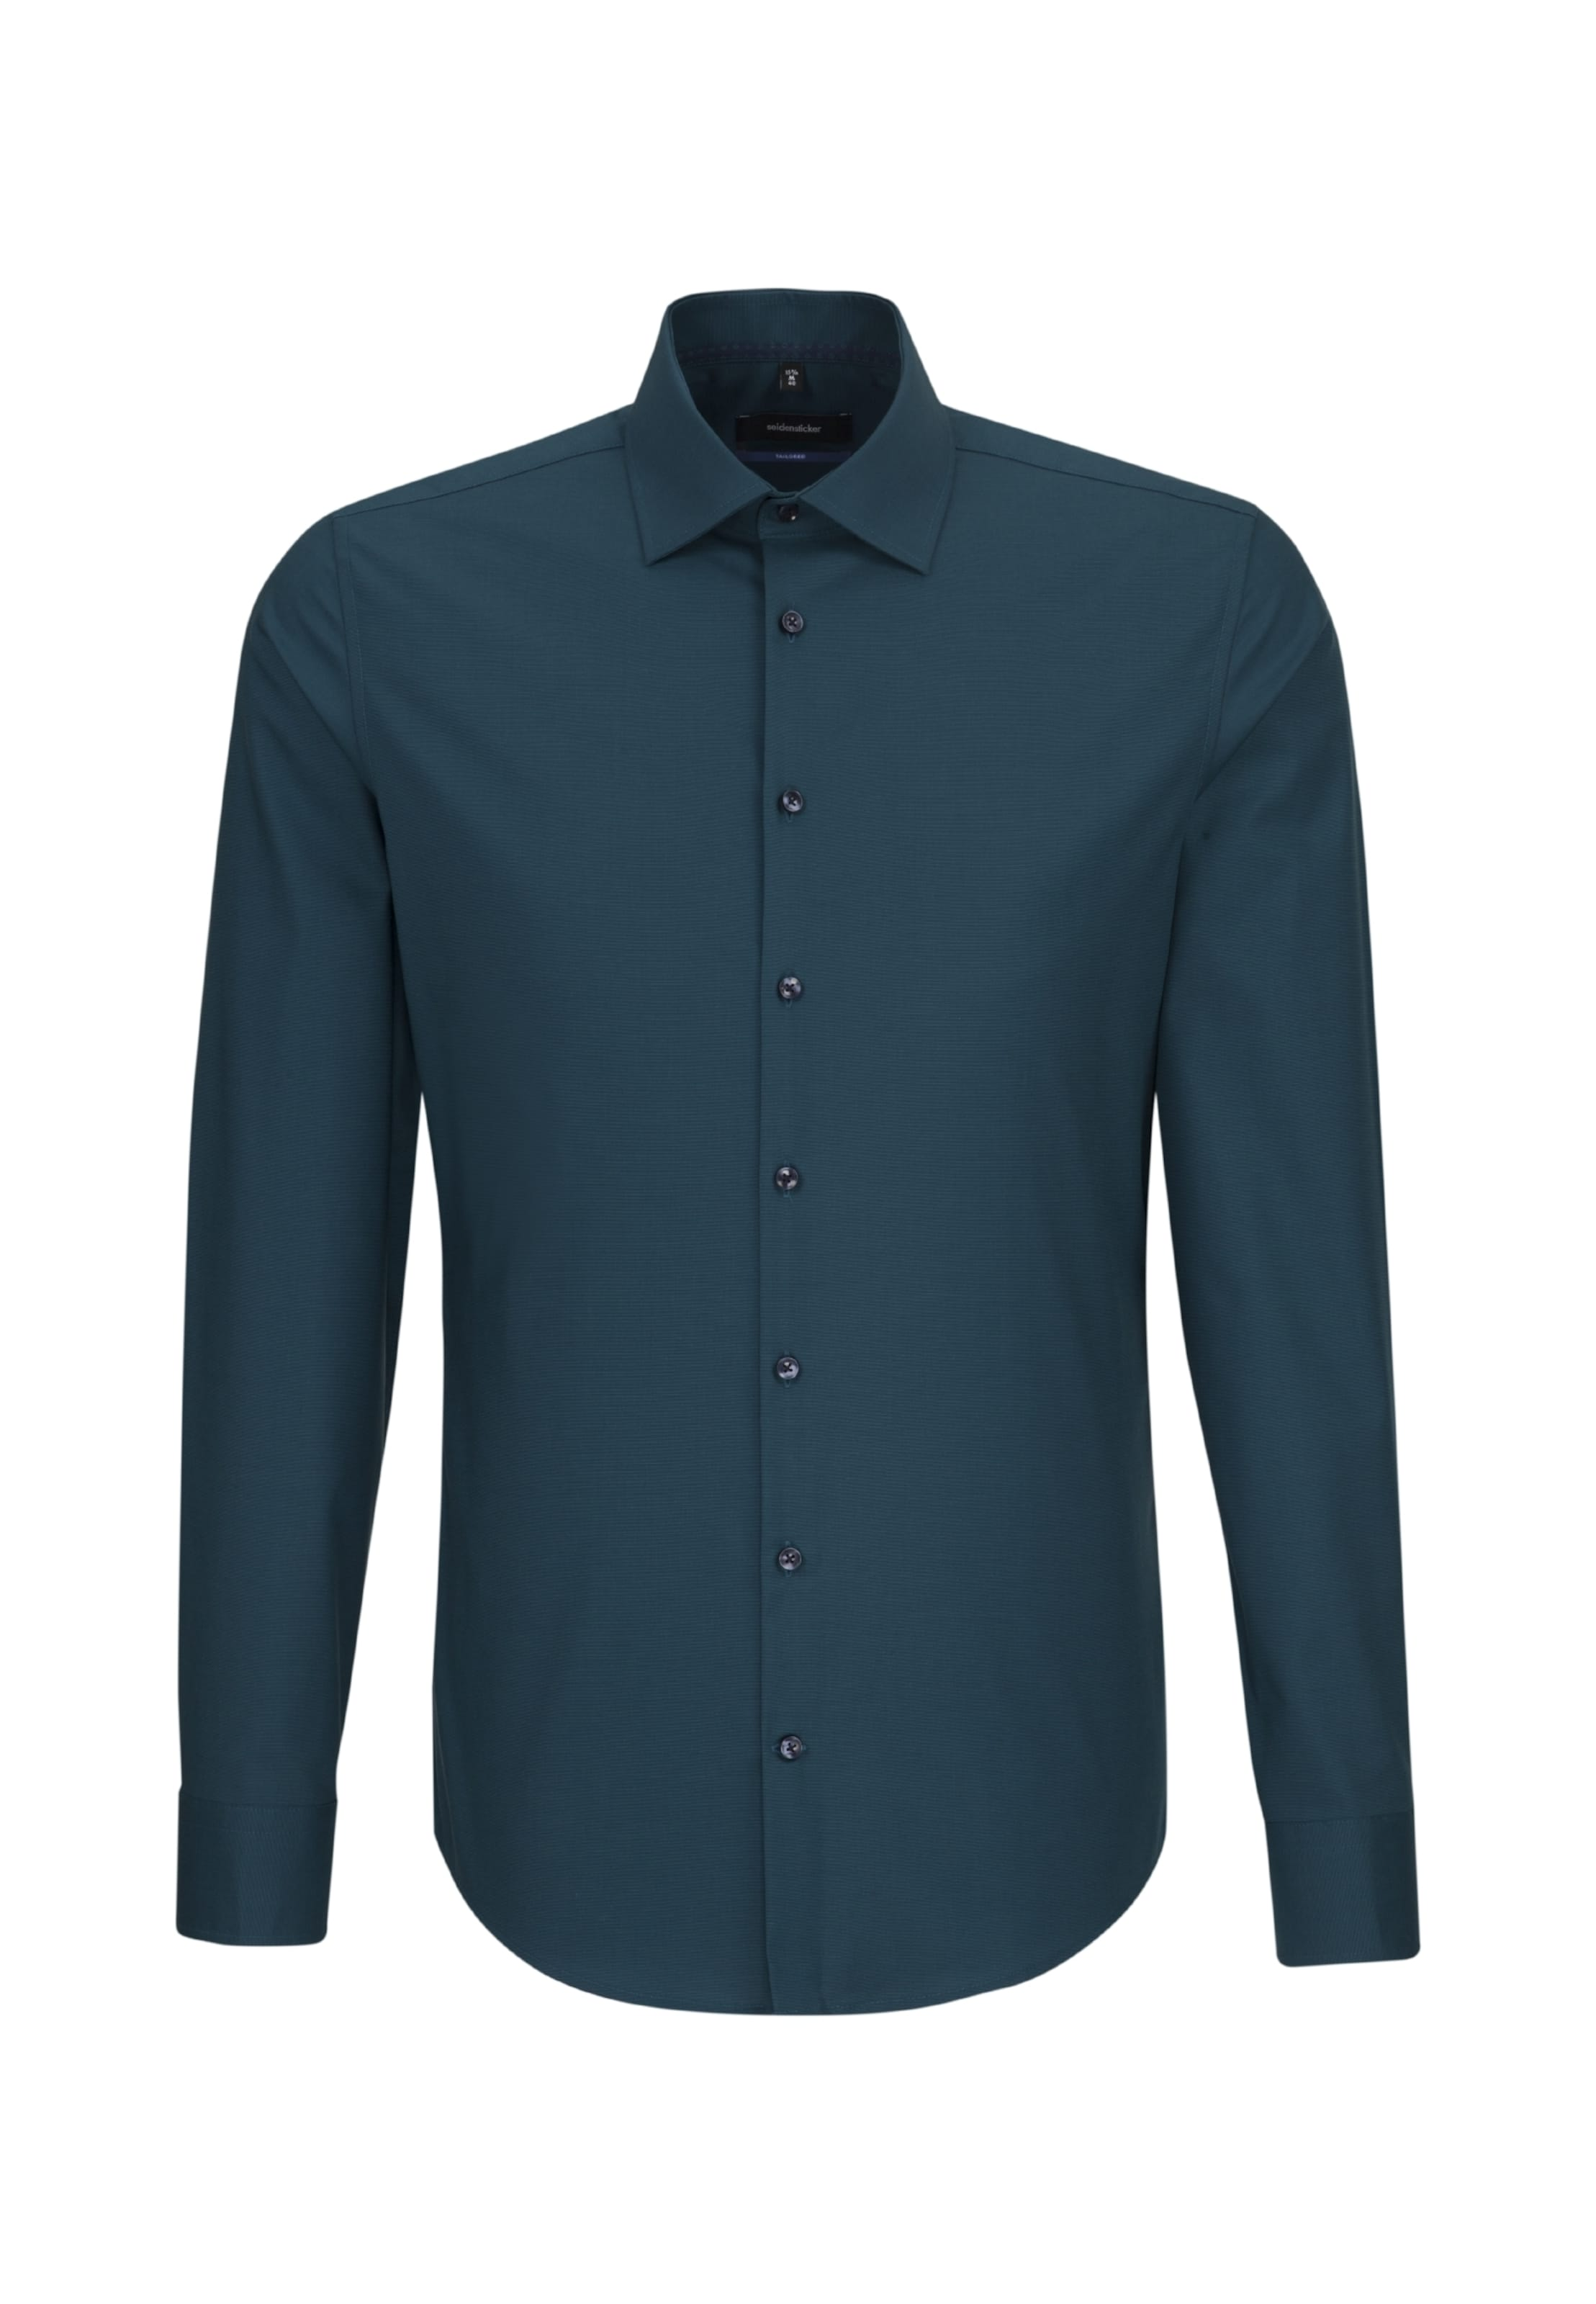 SEIDENSTICKER Hemd in petrol petrol petrol  Markenkleidung für Männer und Frauen d40271